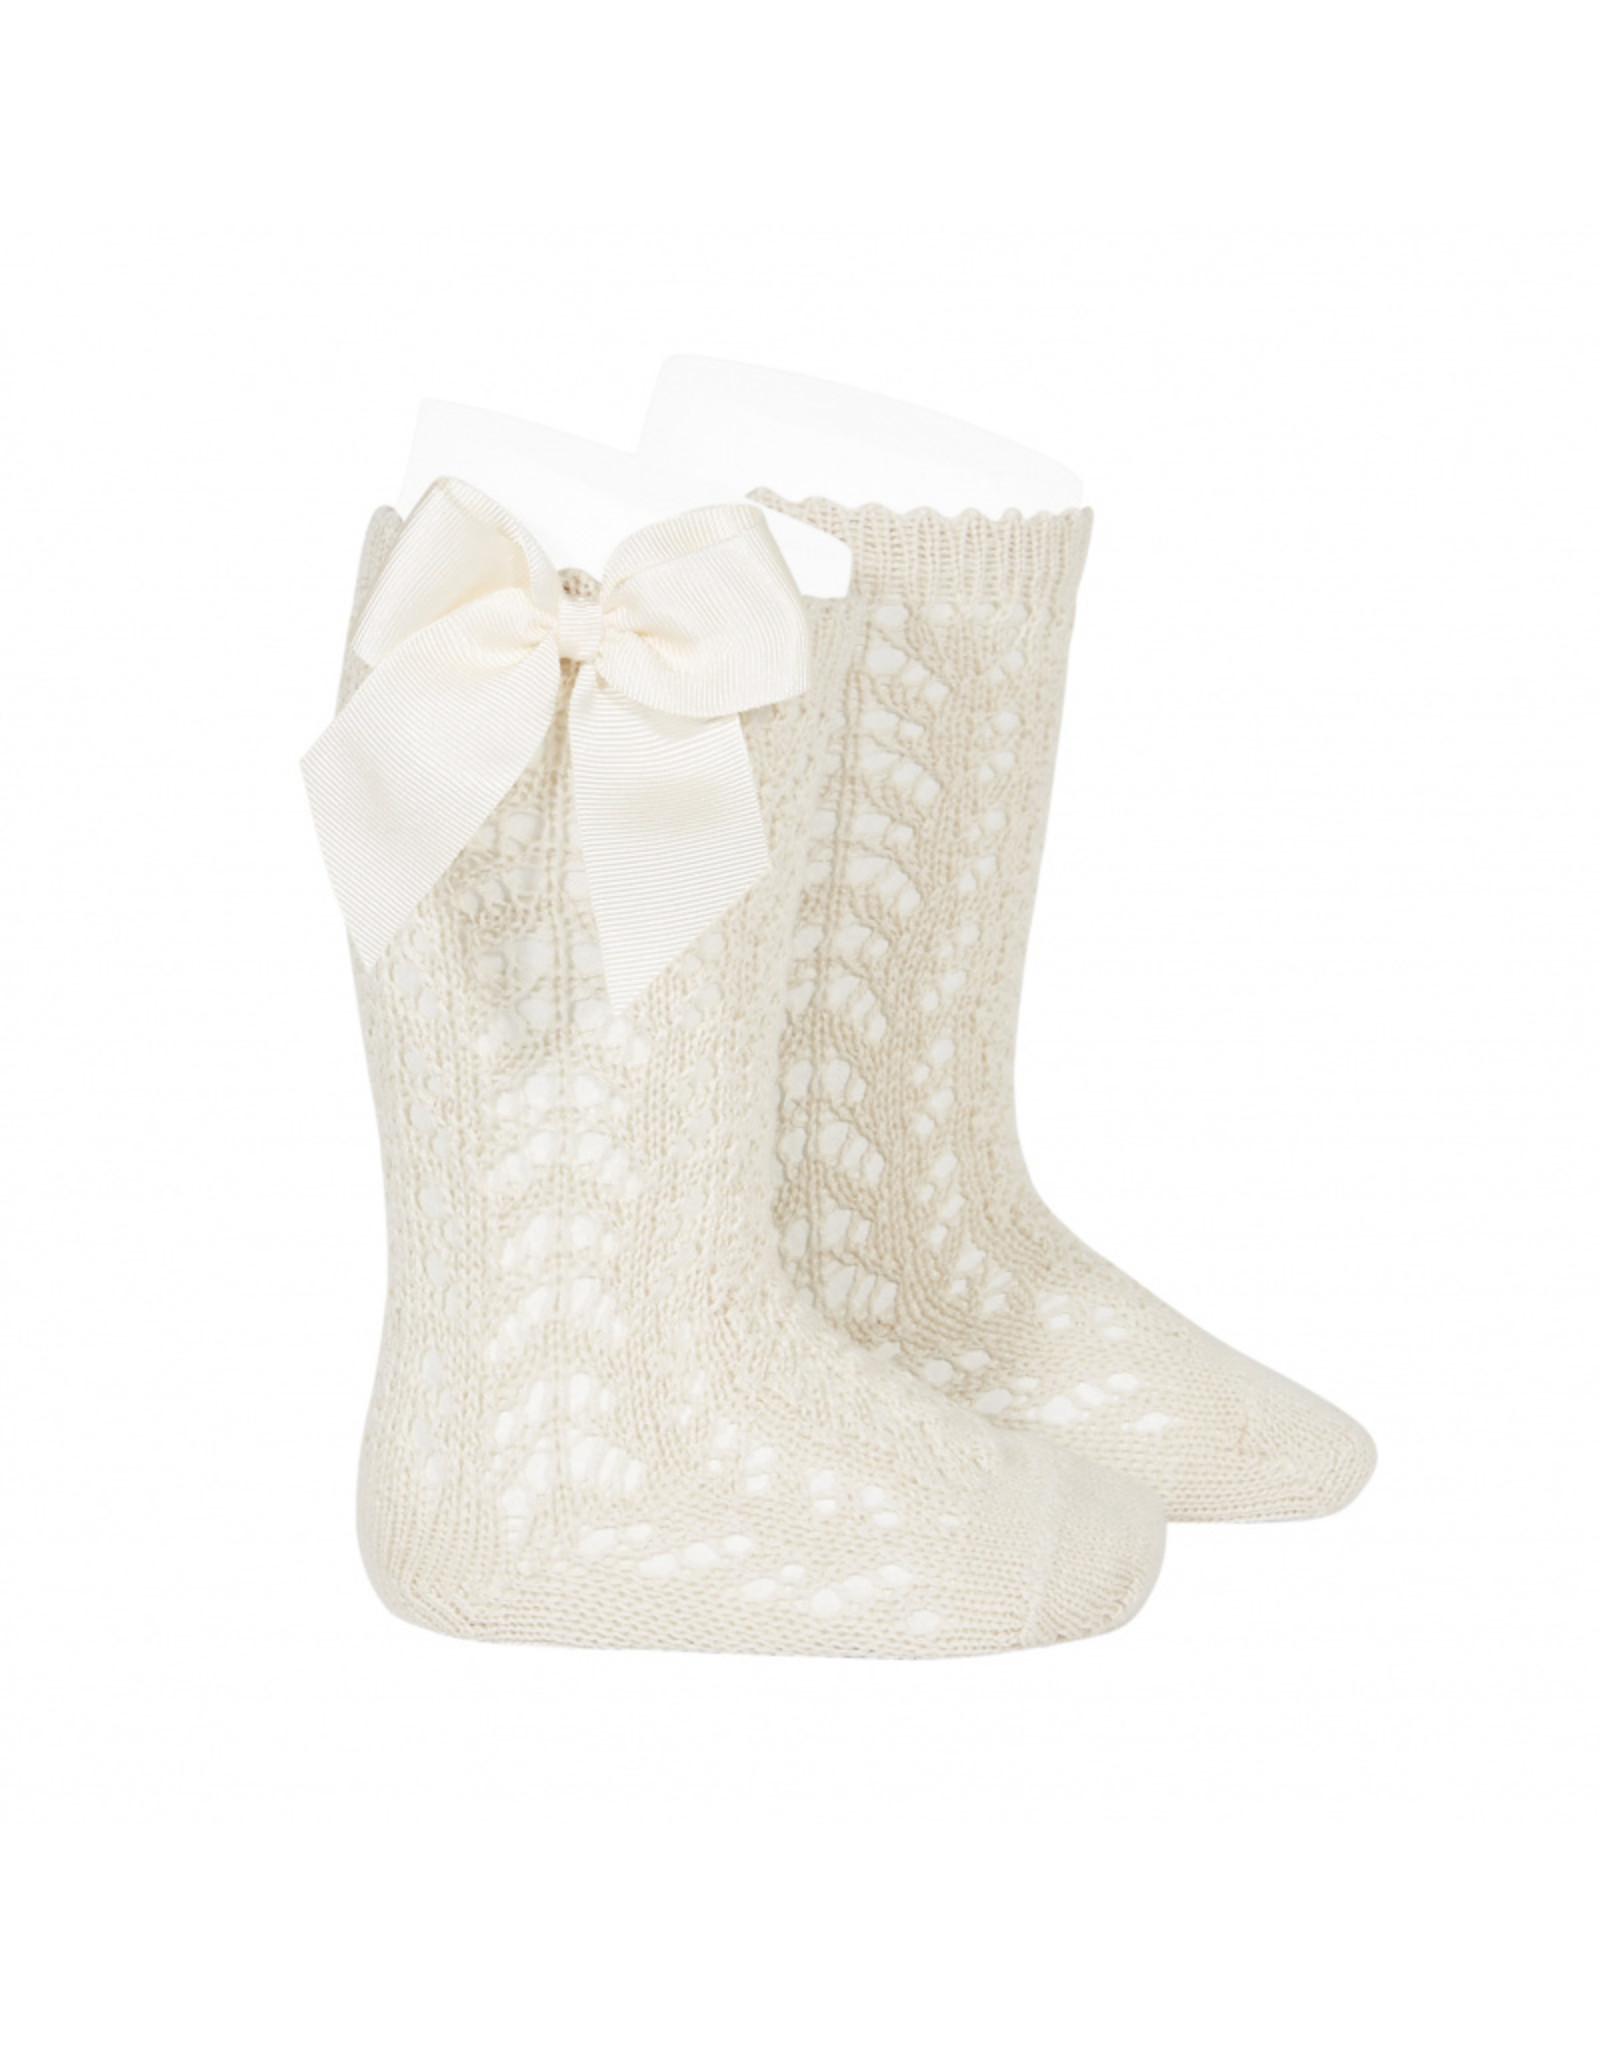 CONDOR Linen Openwork Knee Socks with Bow